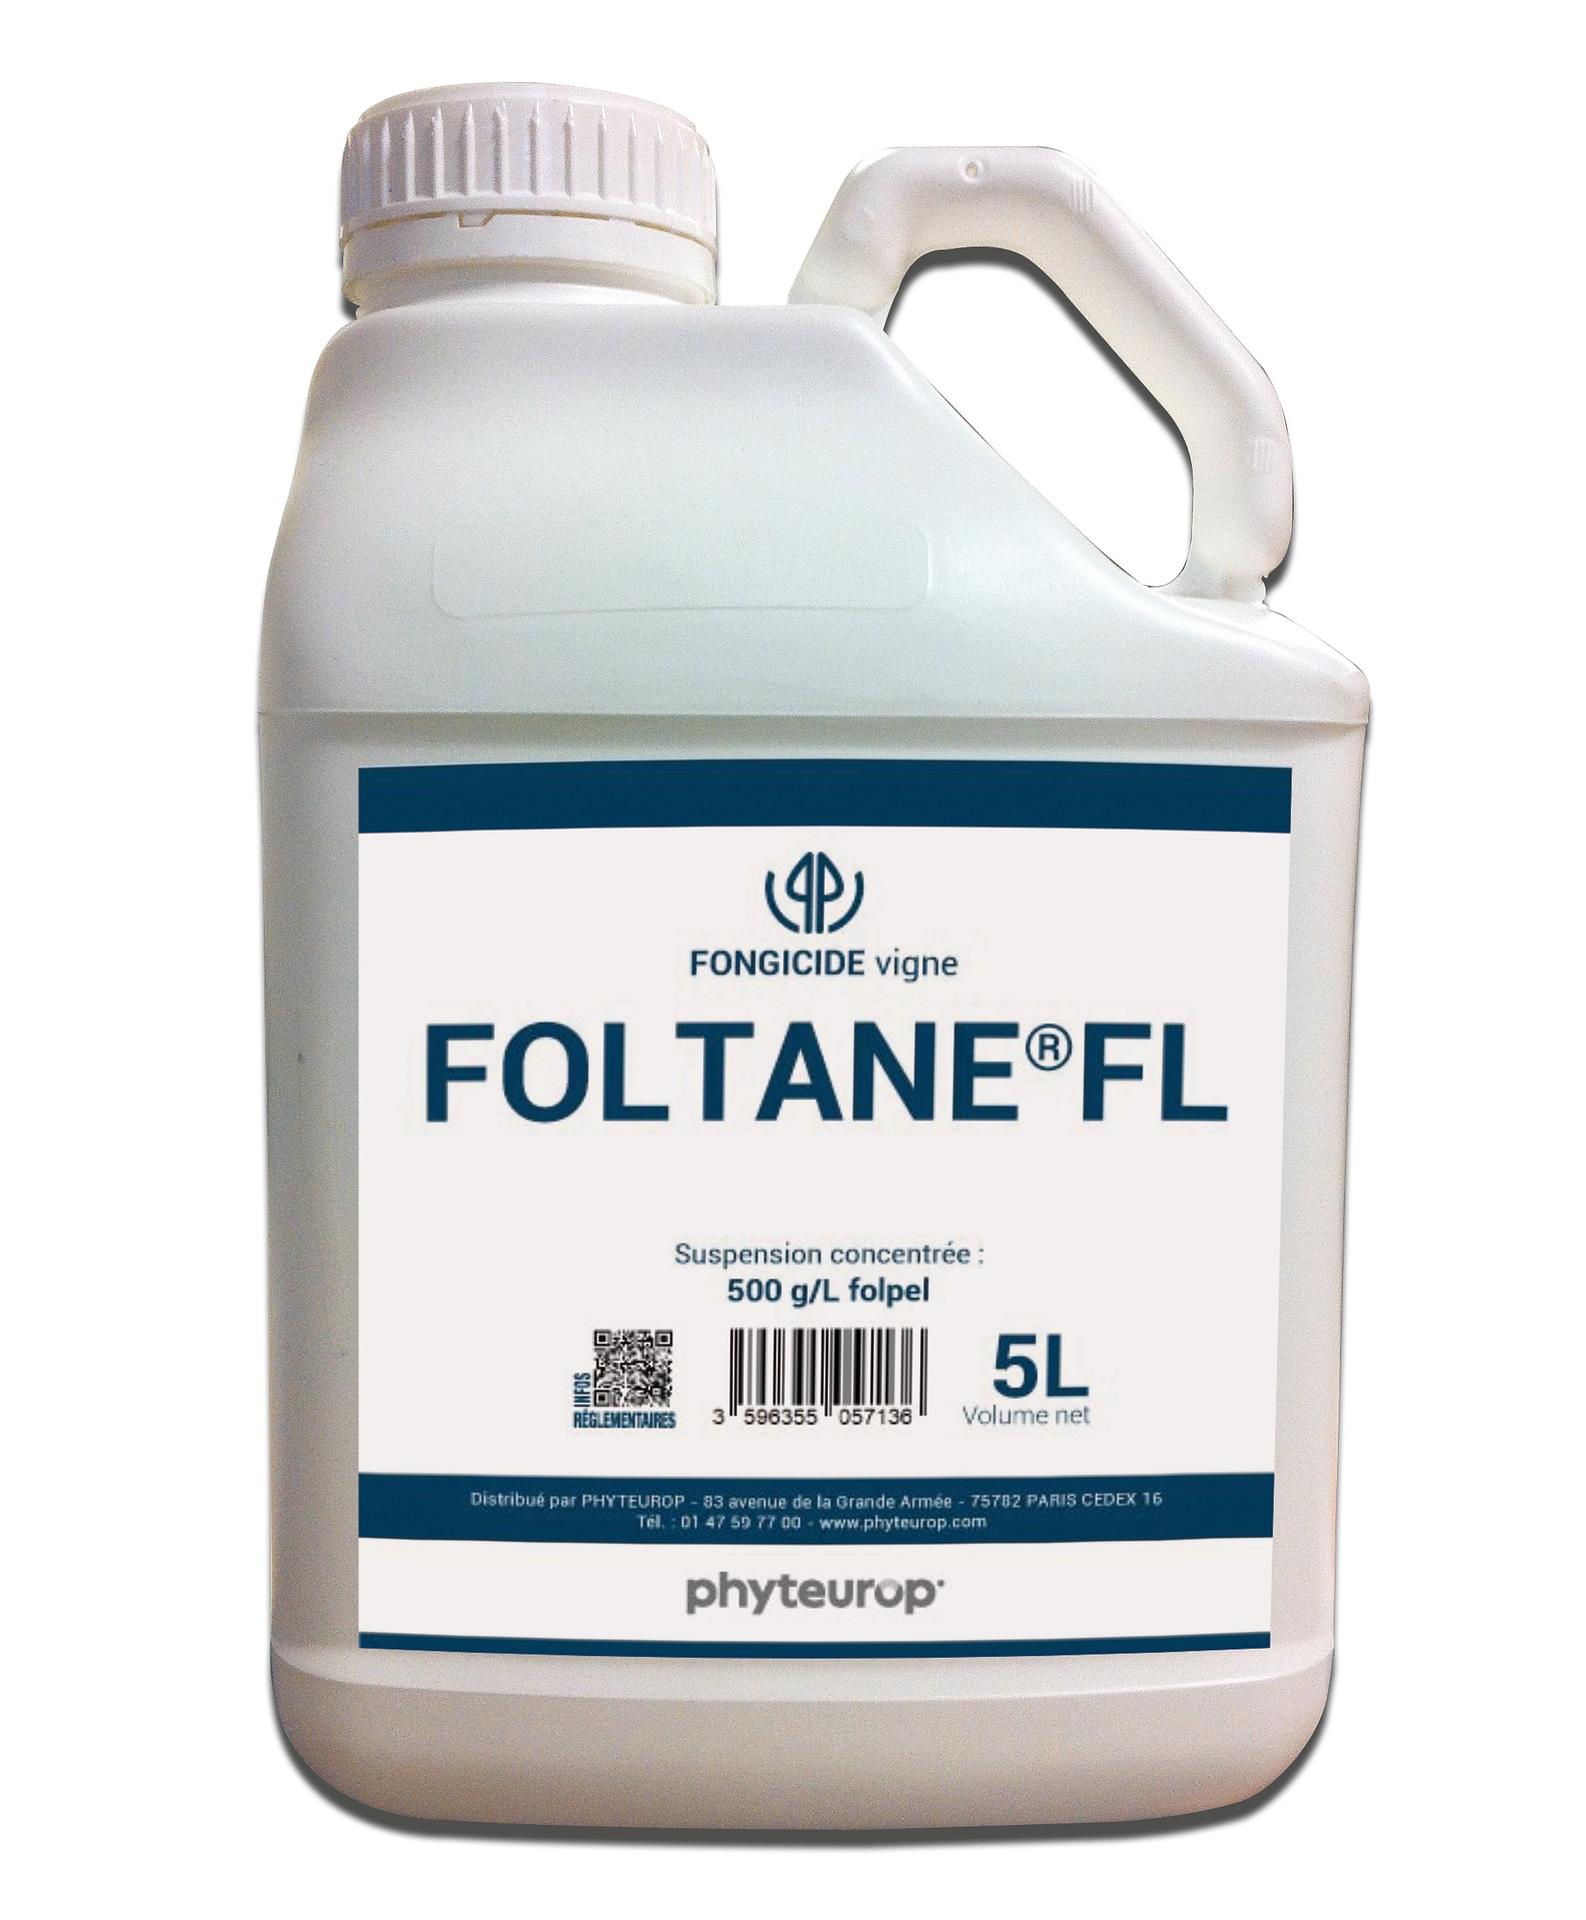 Phyteurop_3596355057136-Foltan-FL